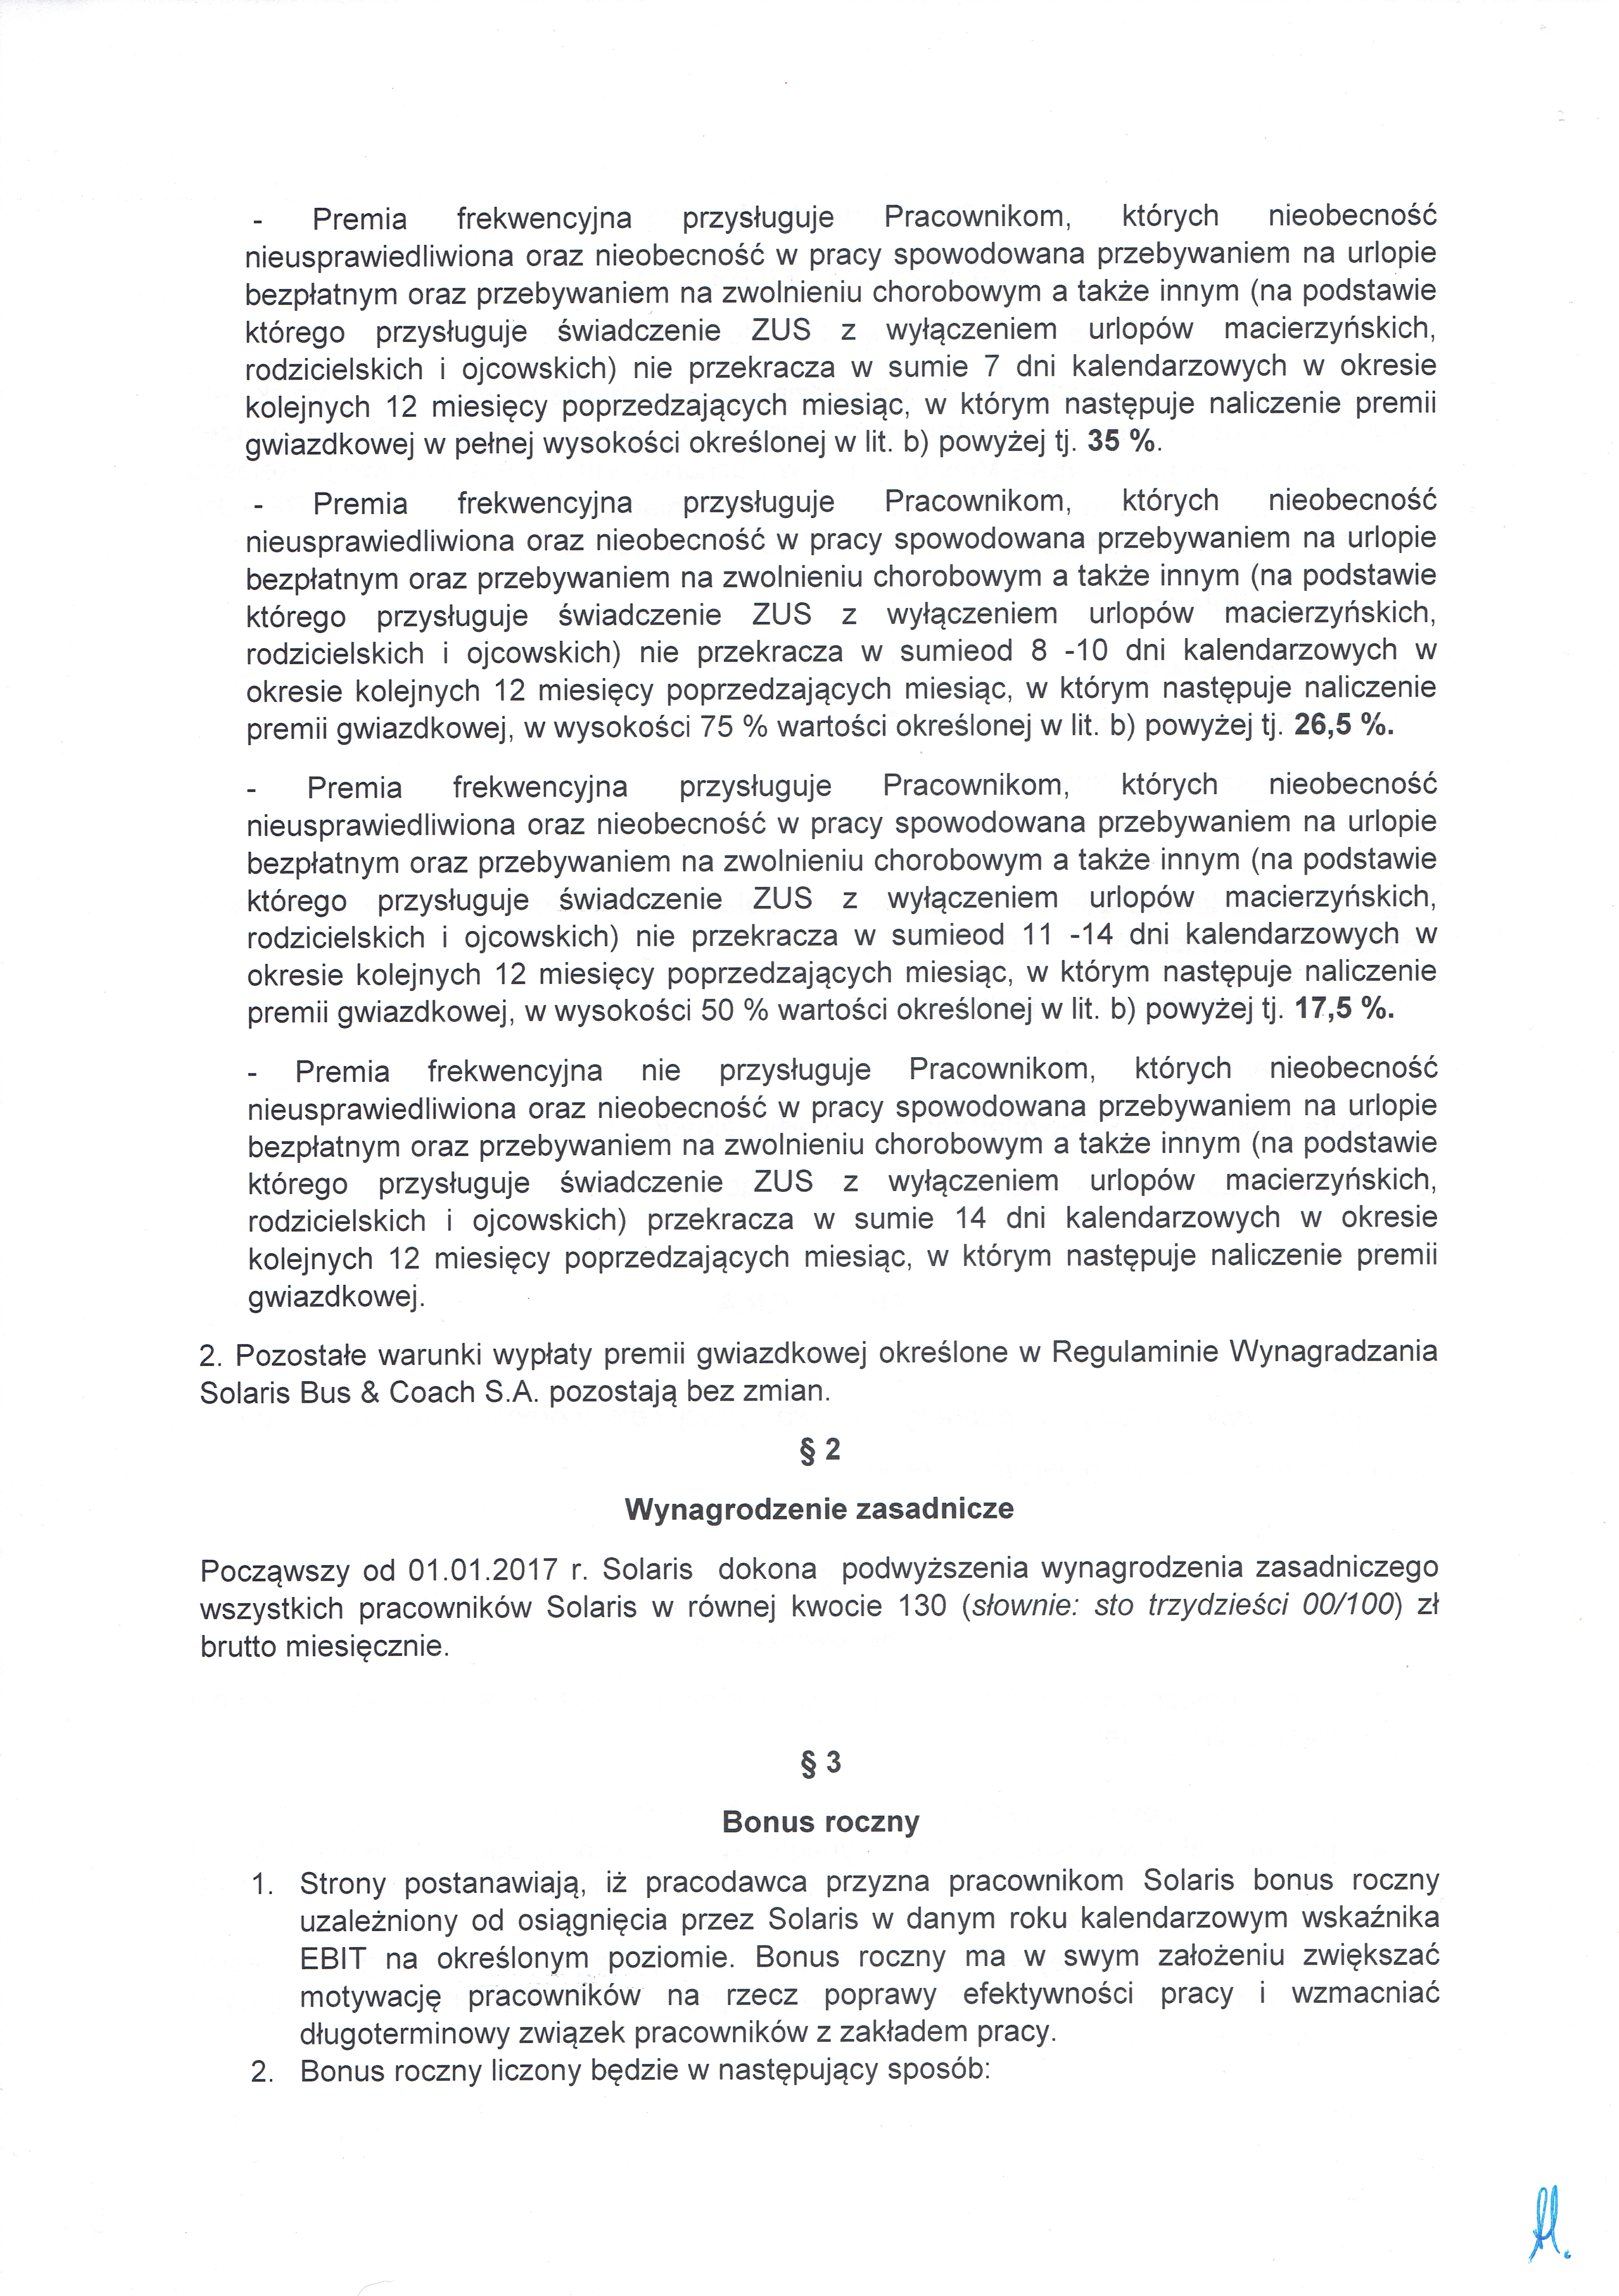 porozumienie-25102016-3